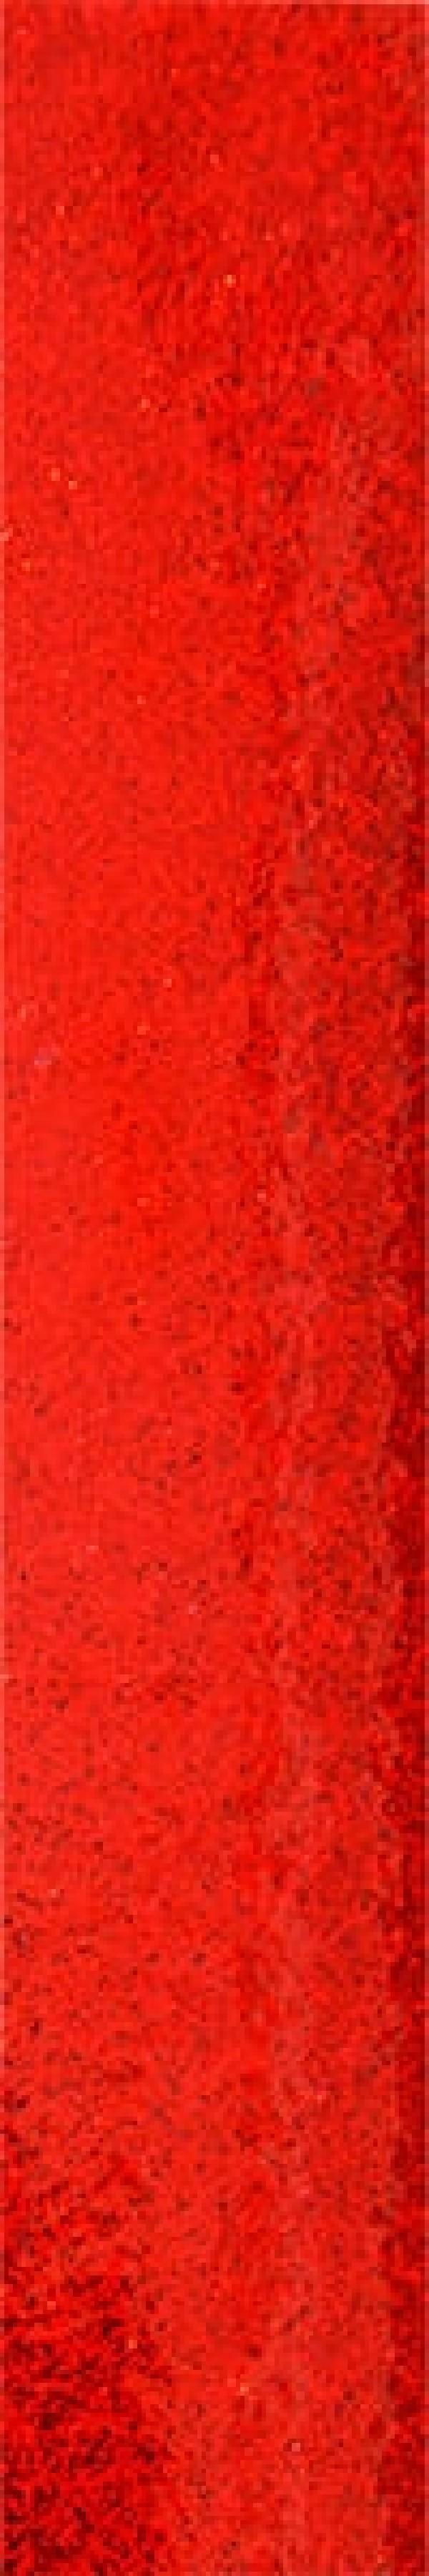 Striscia Adesiva Pastorelli Glitter Rosso - 03181